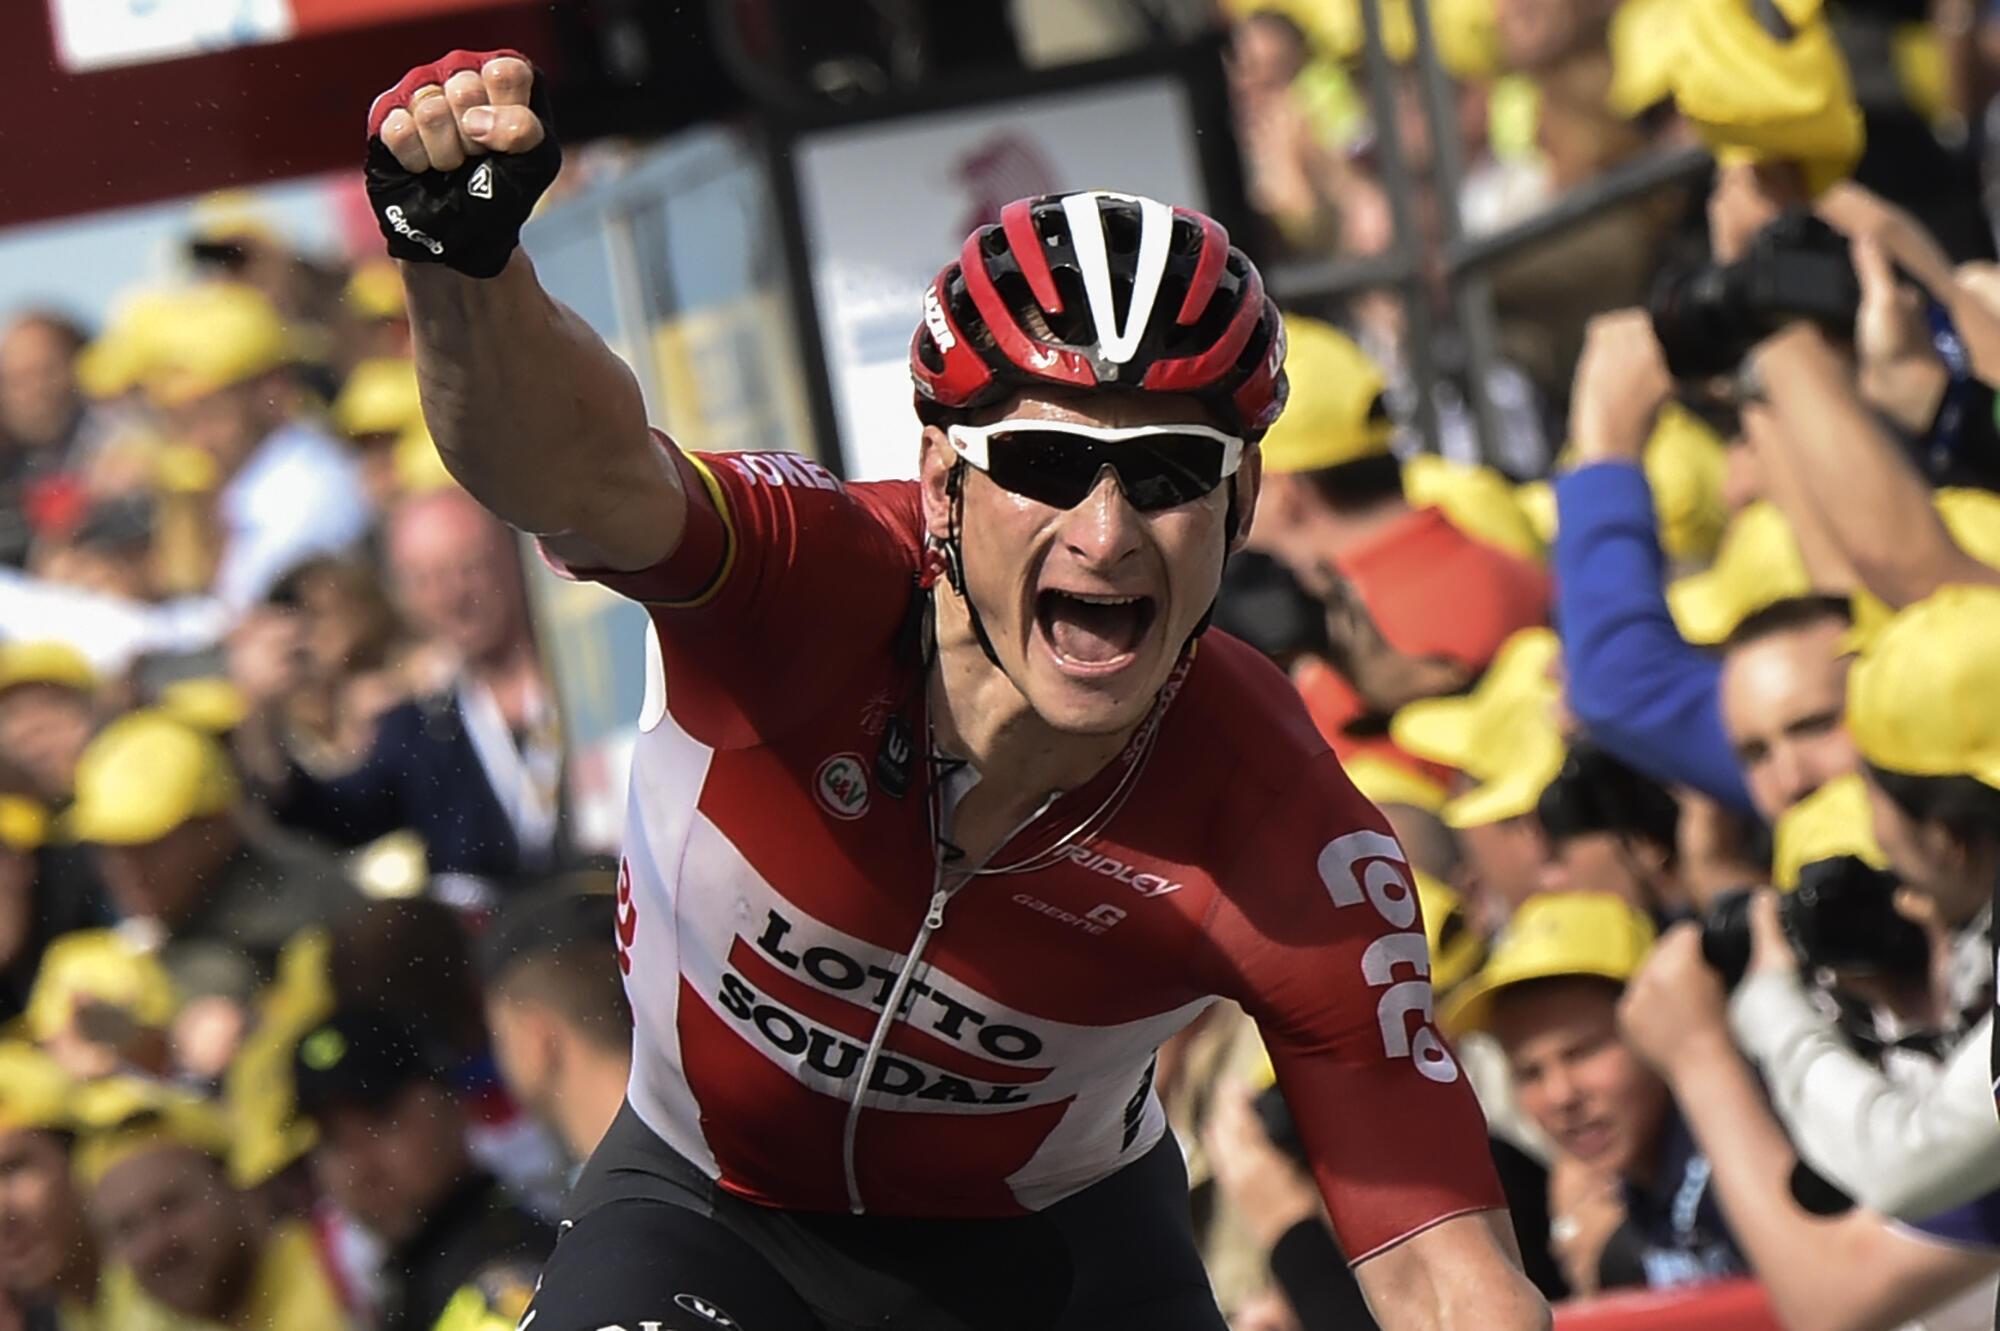 André Greipel, ici le 5 juillet 2015, lors de la 2e étape du Tour de France 2015 entre Utrecht et Zélande.